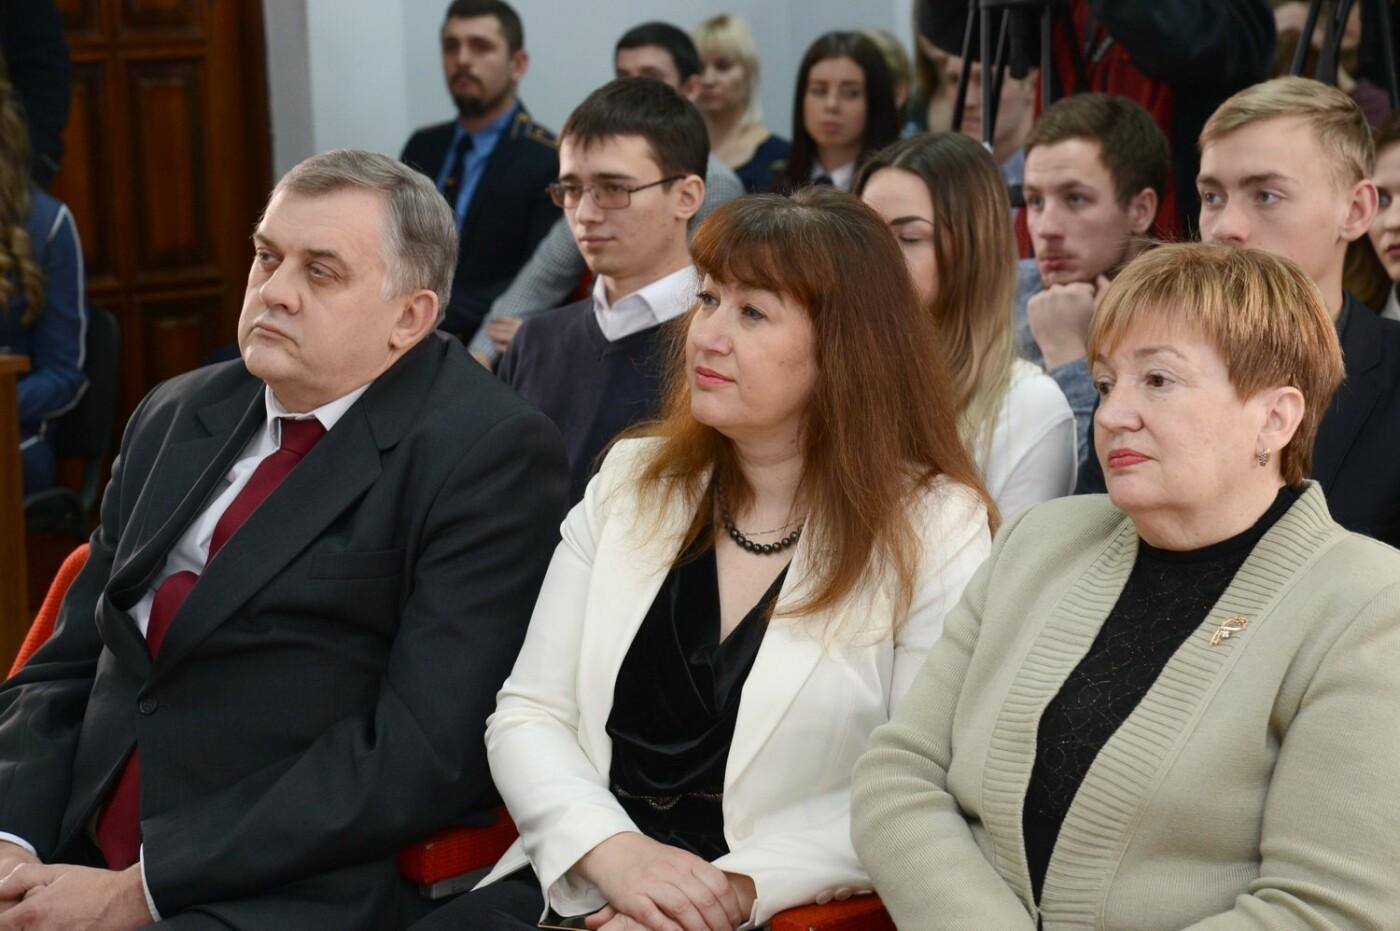 Борис Колесников и его Фонд ищут талантливых студентов в проекте «Железнодорожник 2018»  , фото-1